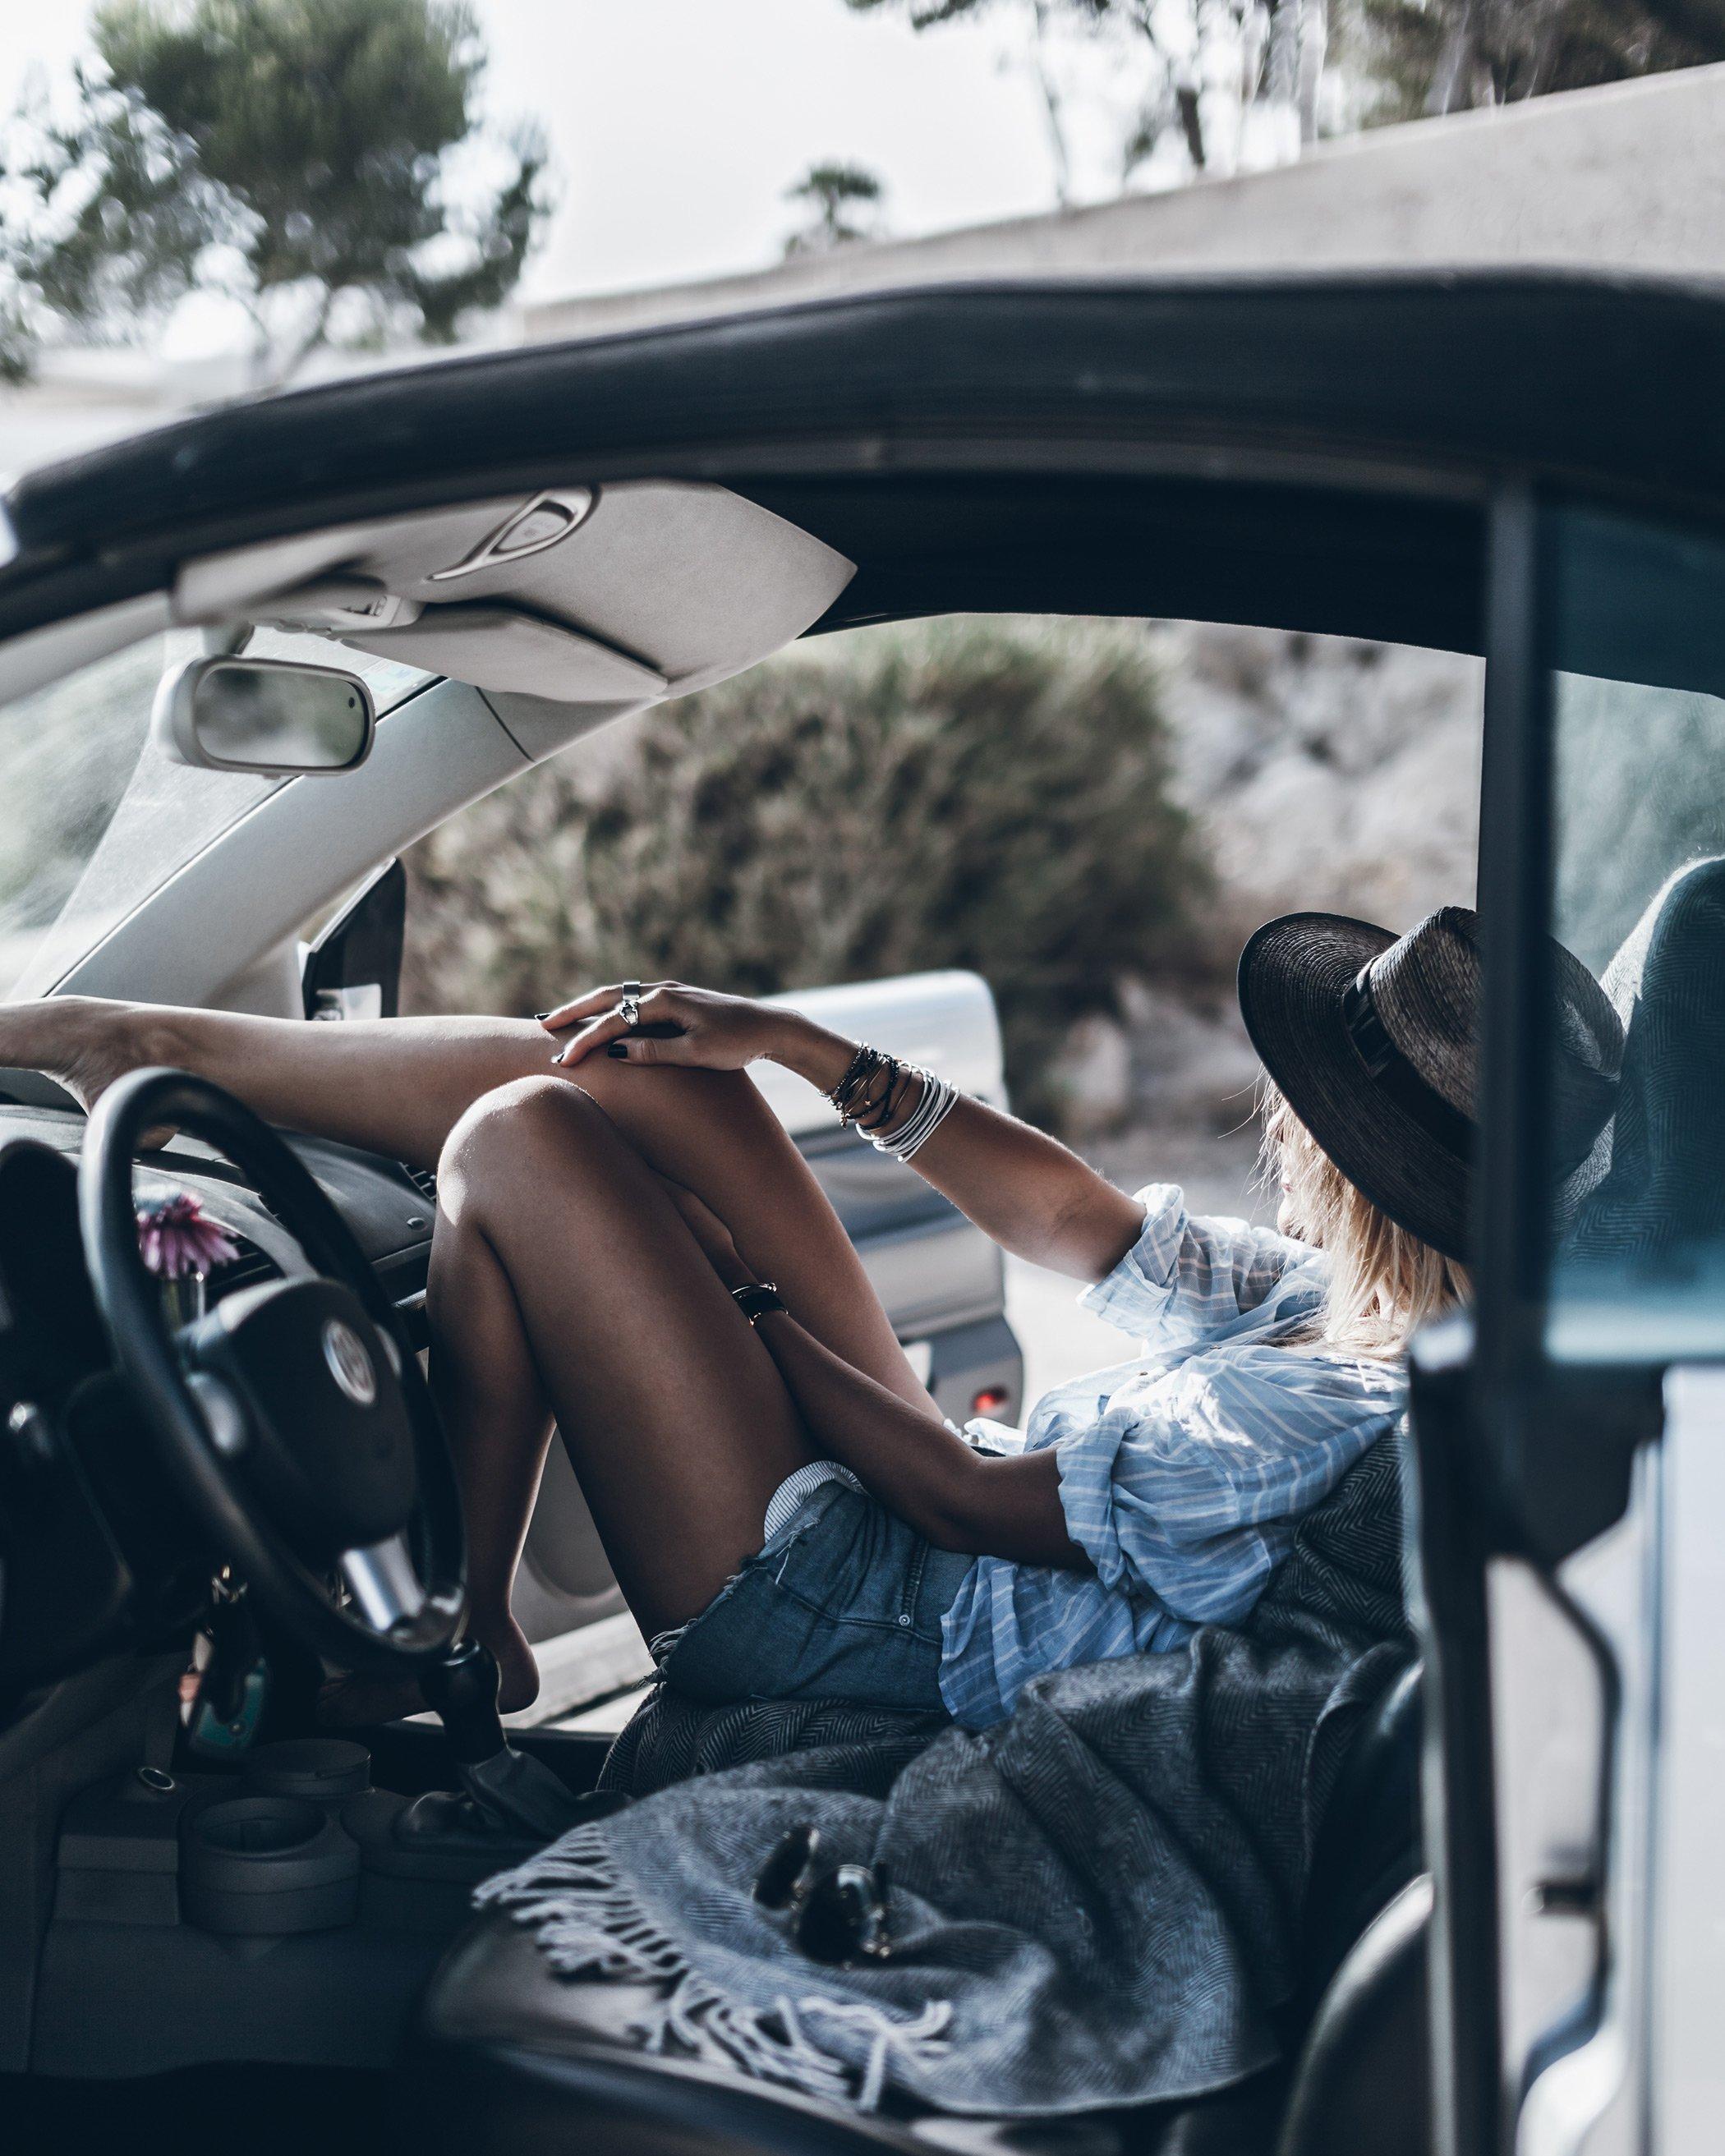 mikuta-lifestyle-car-9